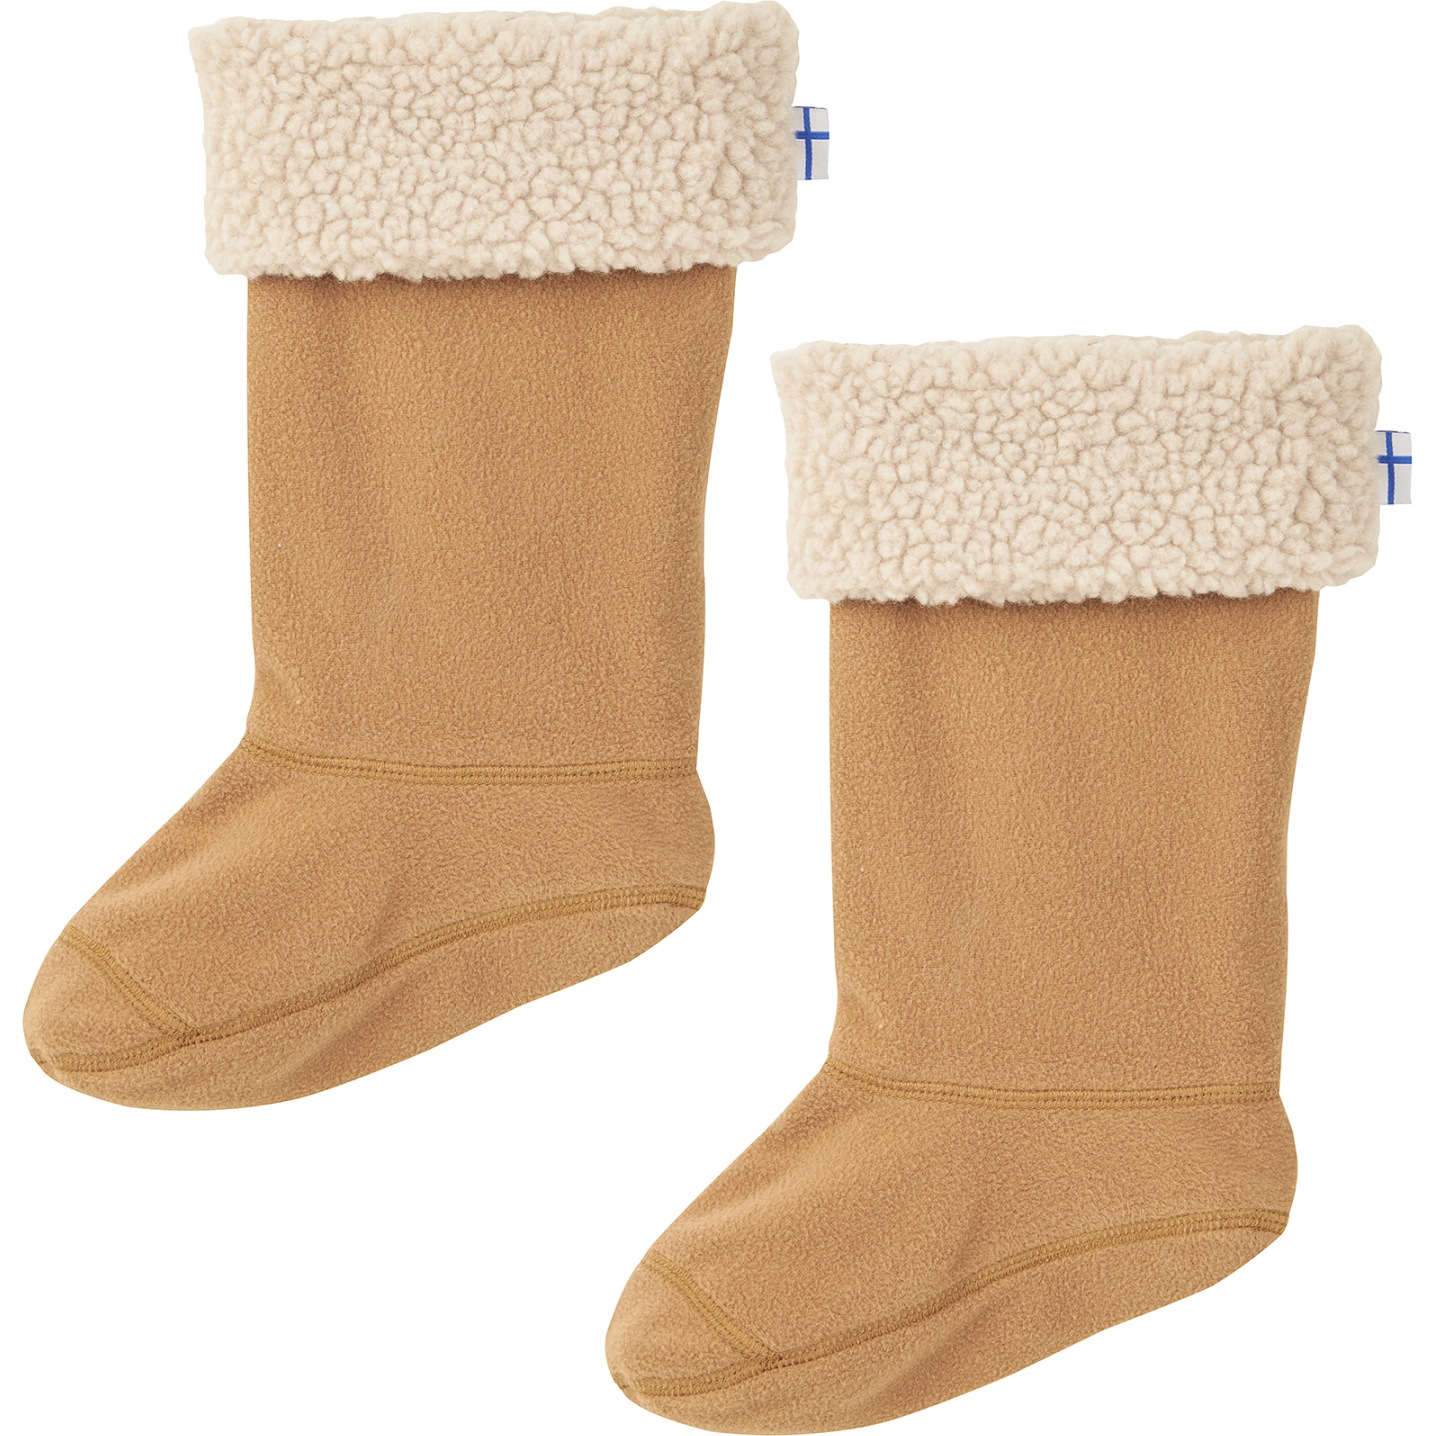 Finkid SUKKA Kids Boot Socks for KUMI Rubber Boots - cinnamon/pebble